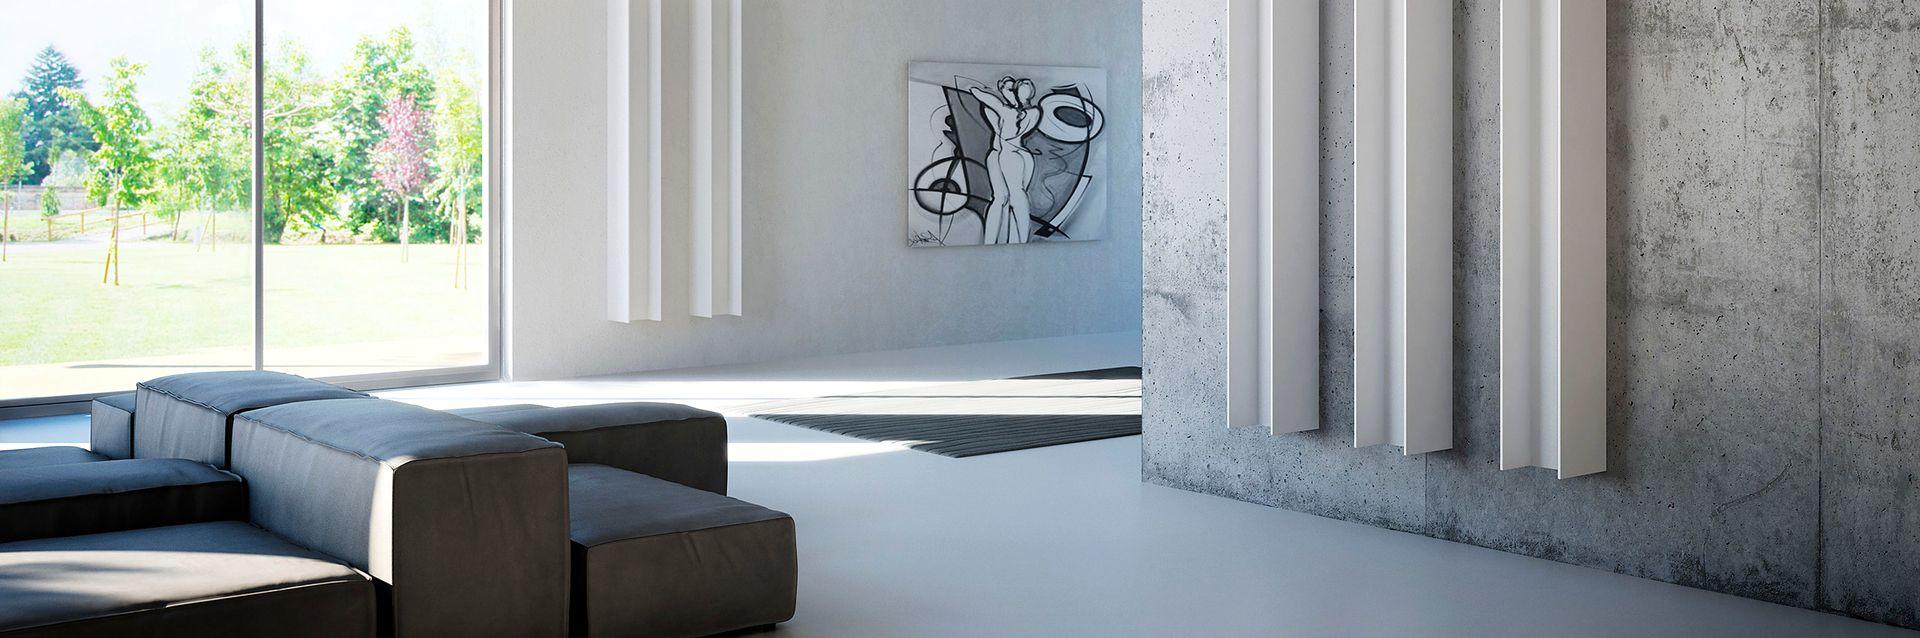 Design radiator voor de badkamer:bepaal uw eigen stijl! - Astra ...